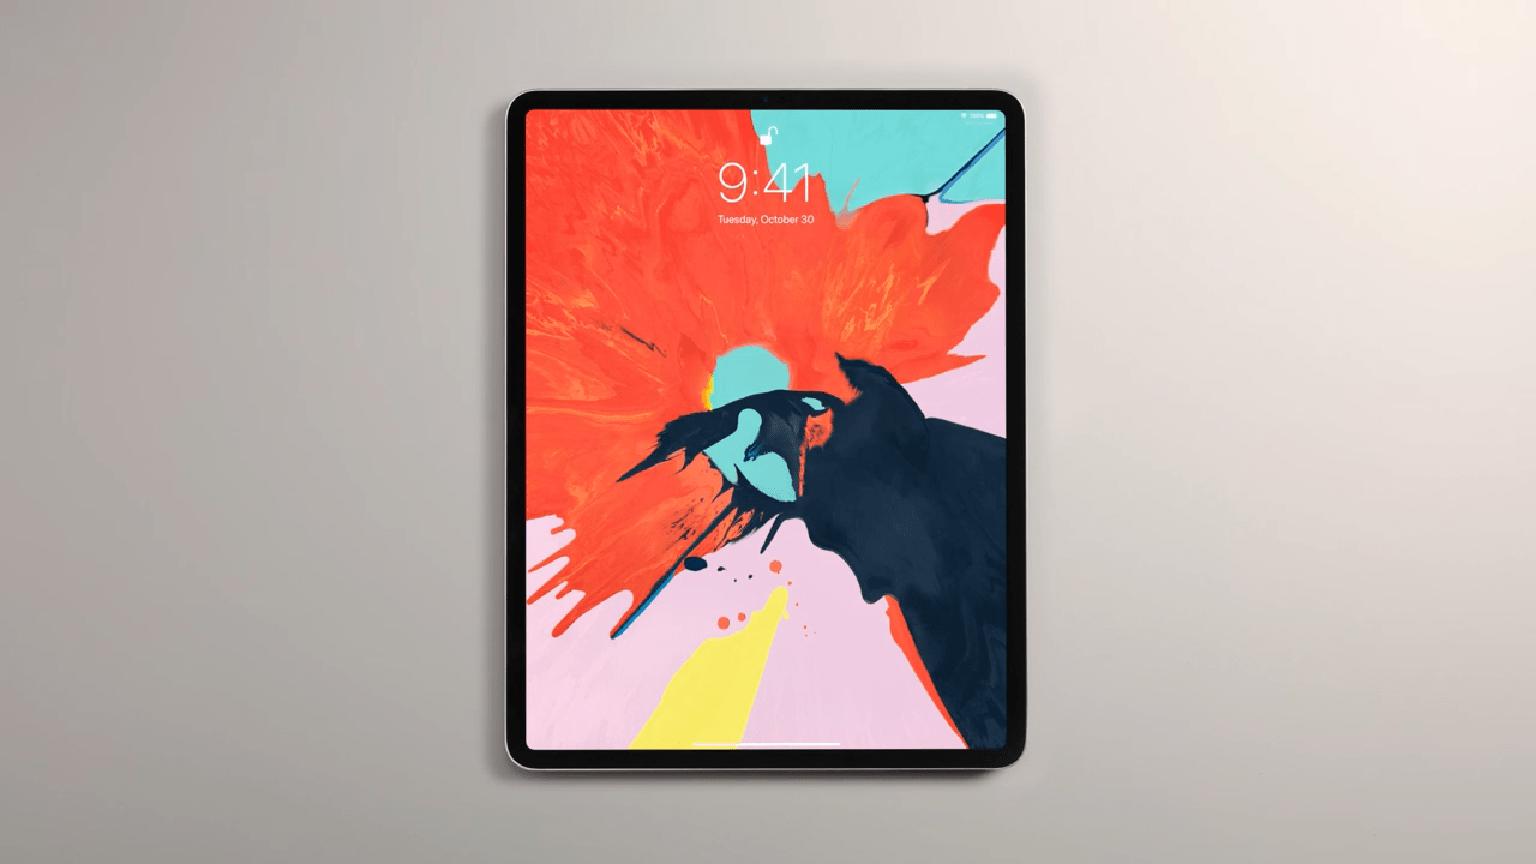 iPad Pro (2018) officialisés : Apple adopte enfin l'USB type C